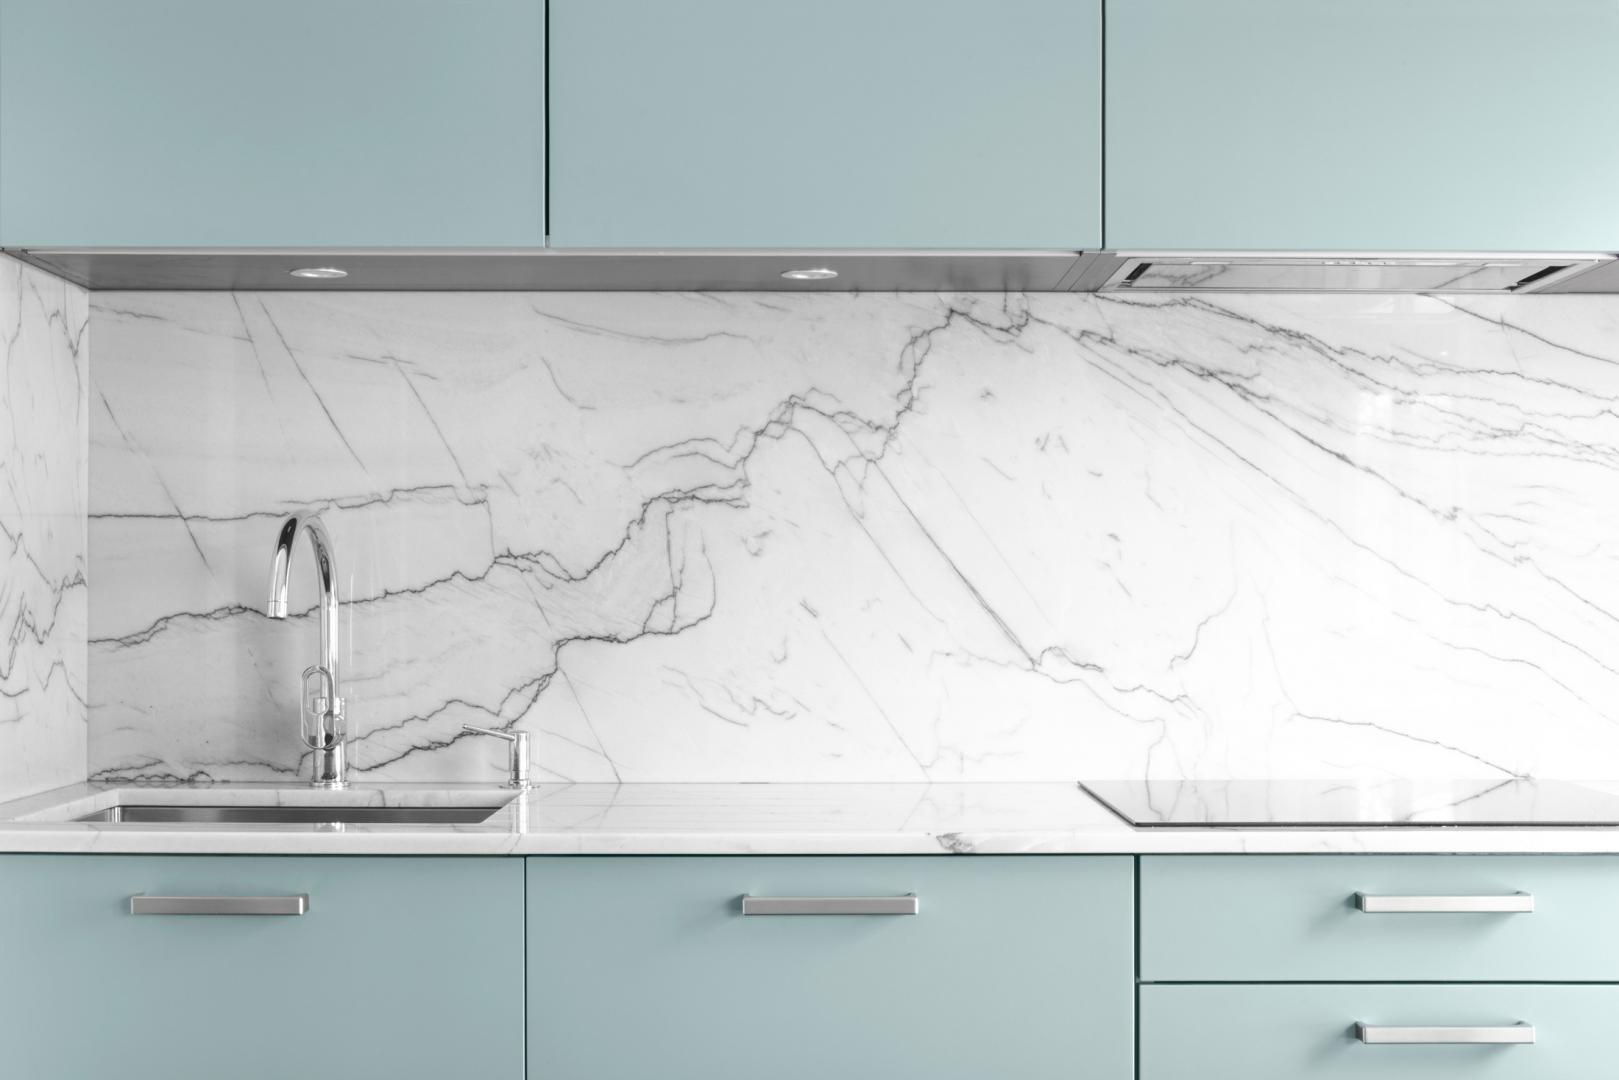 Plan De Travail Cuisine Marbre Prix marbrerie pour cuisine et salle de bains coubert / alpha marbre